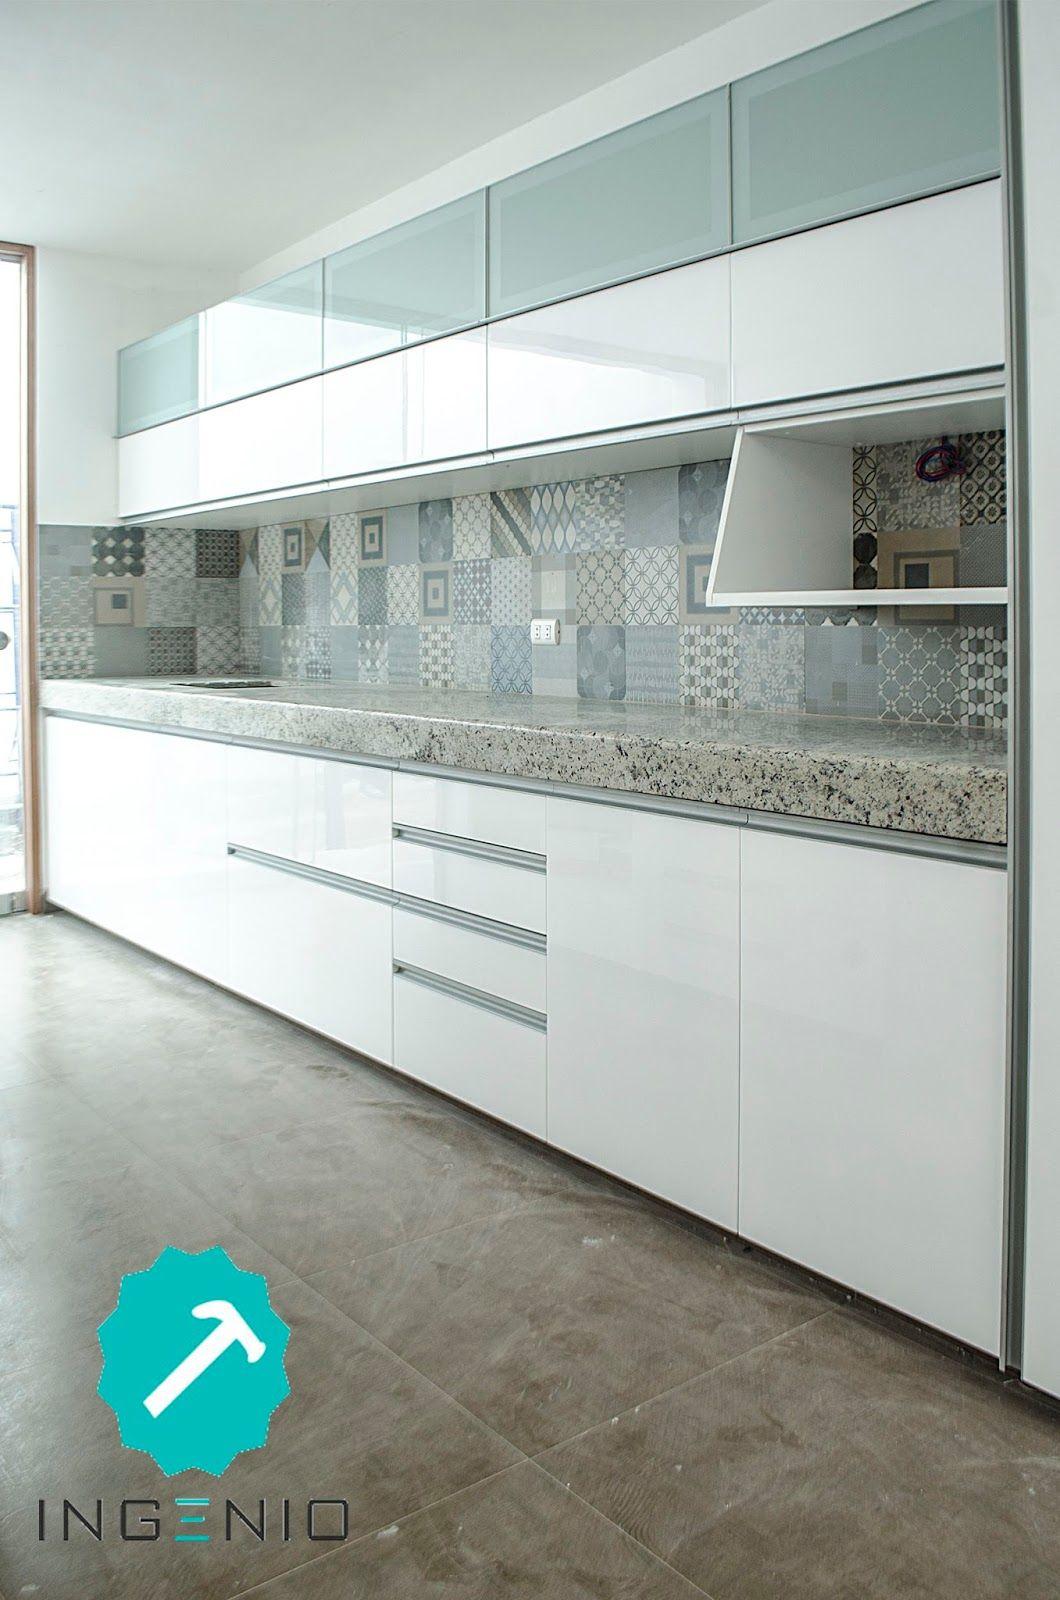 Mueble de cocina con acabado poliuretano blanco. | Almacenamiento ...